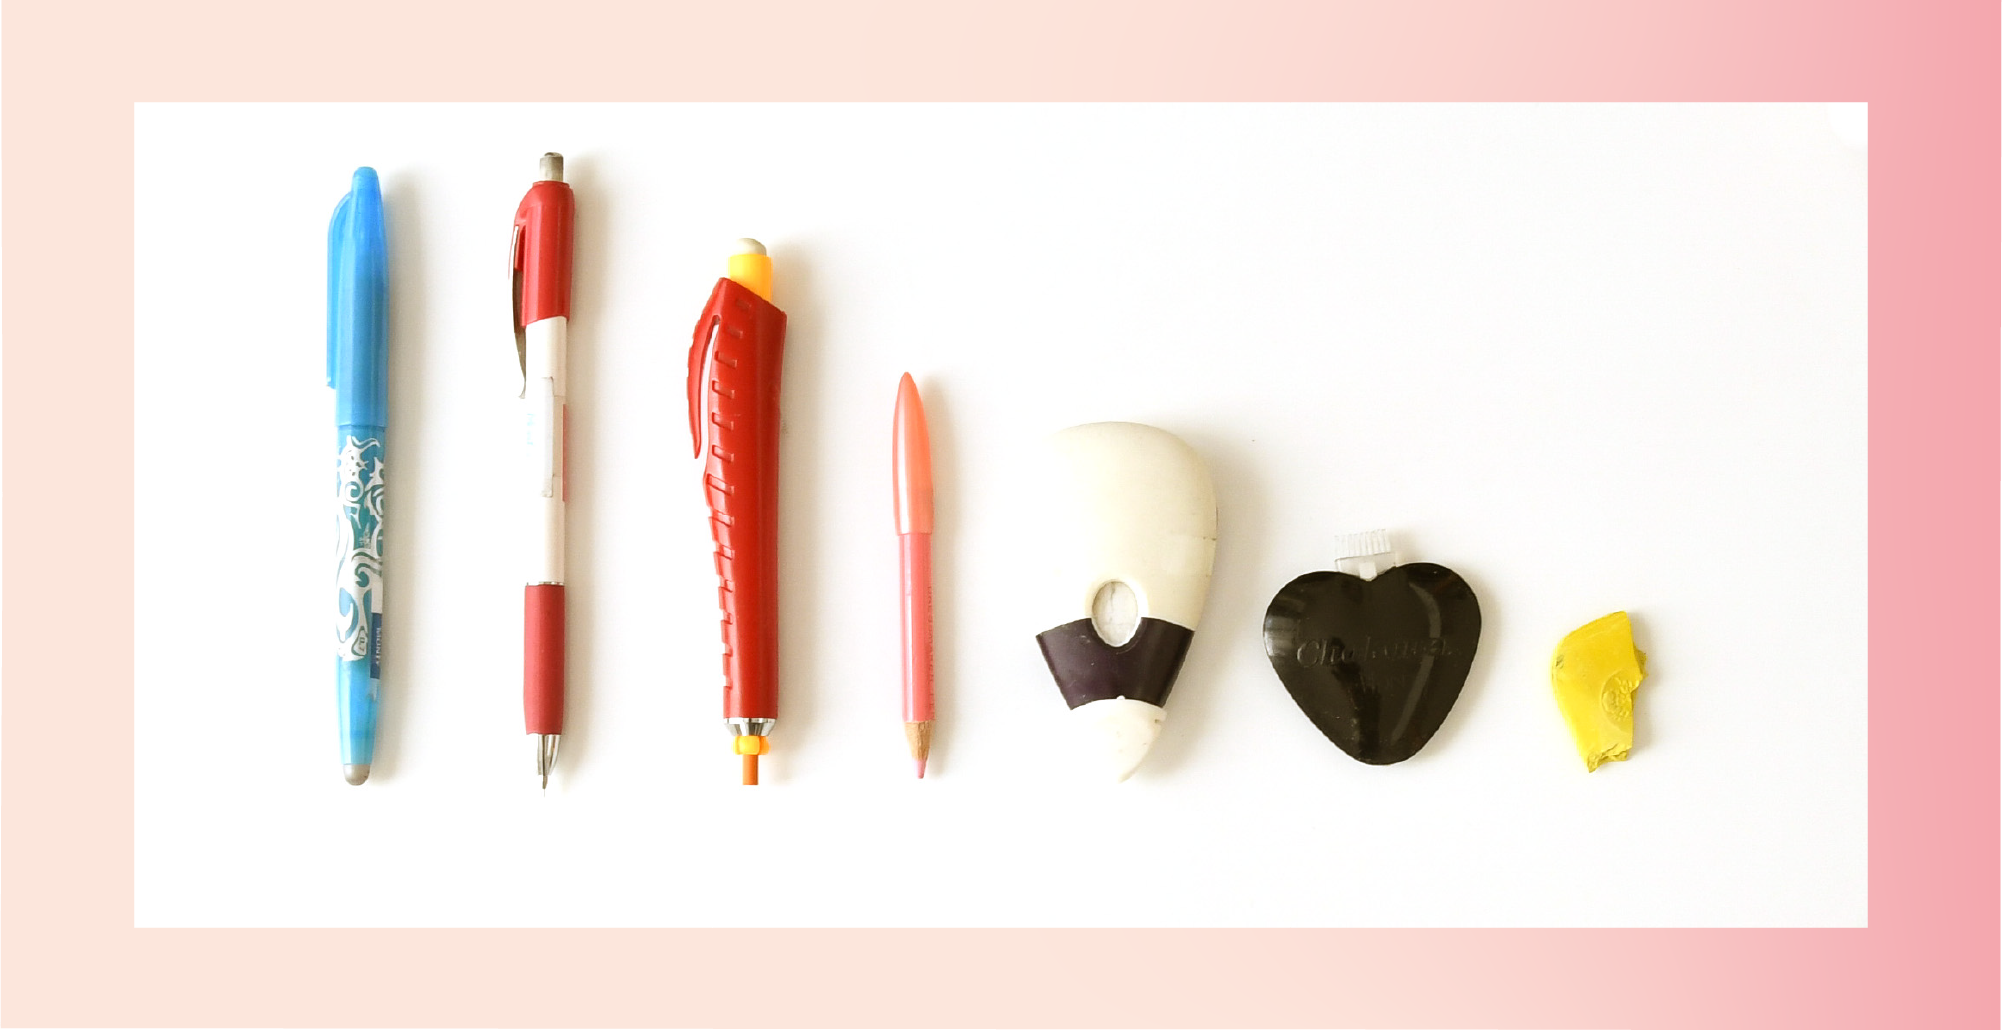 OSE PATTERNS - meilleurs outils de marquage - stylo magique, craie, chakoner, crayon pour tissus